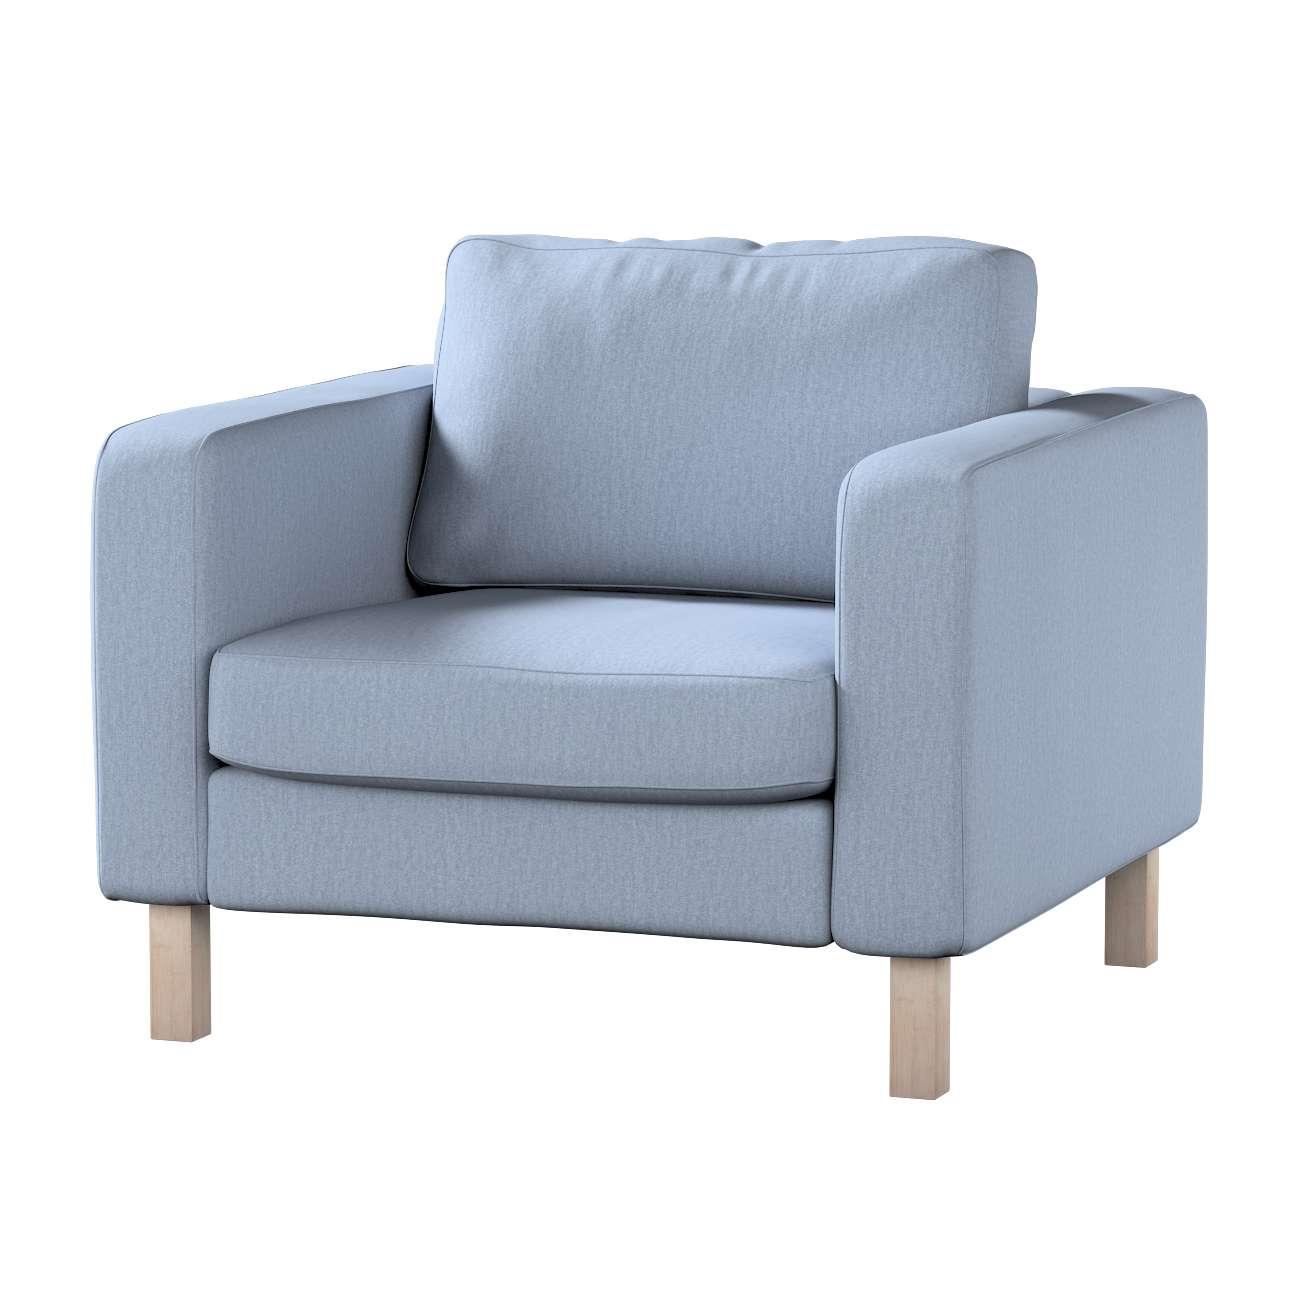 Pokrowiec na fotel Karlstad, krótki w kolekcji Chenille, tkanina: 702-13